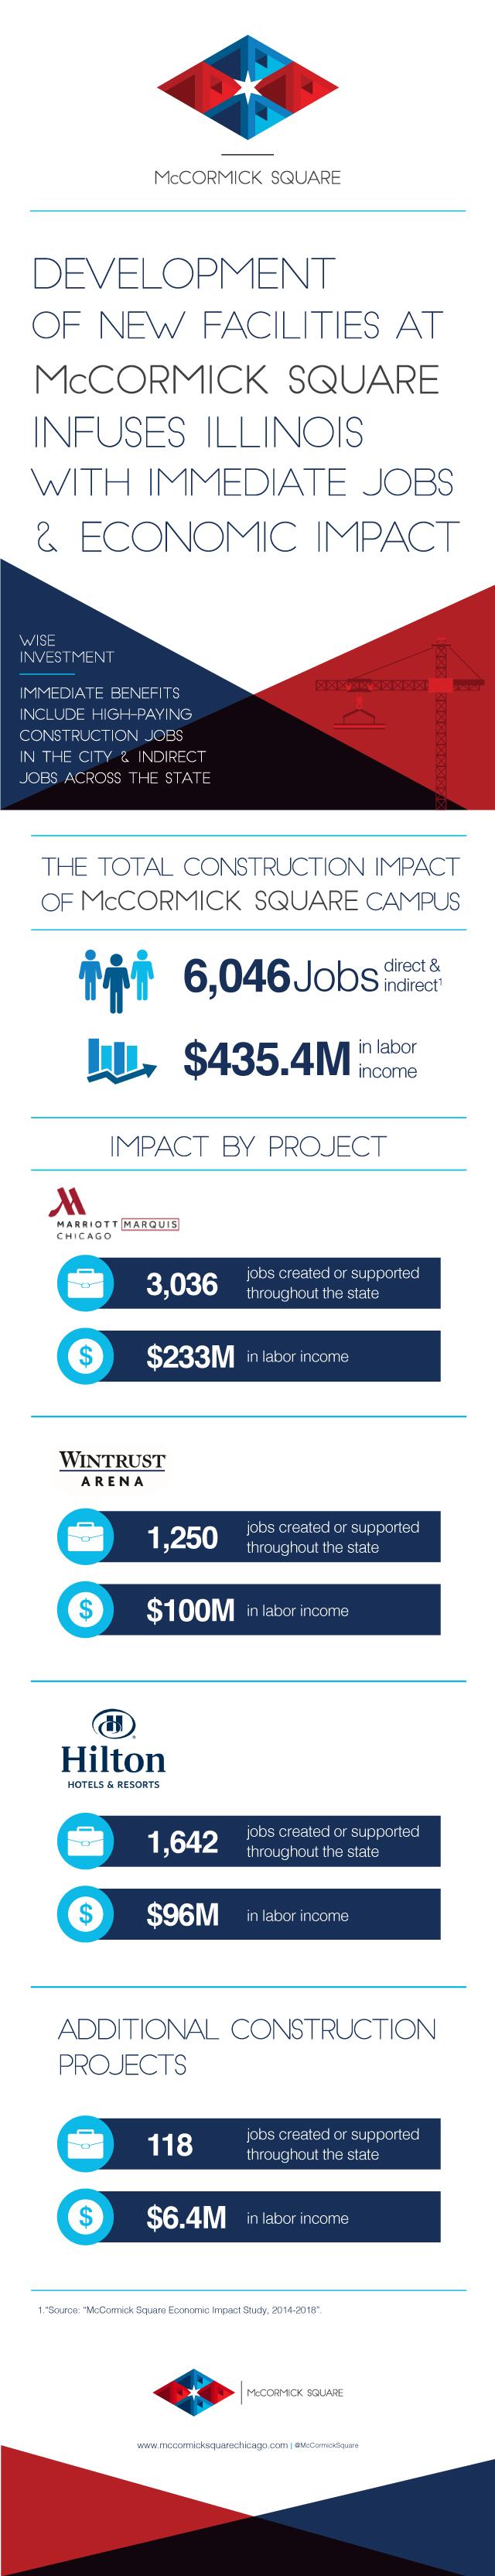 Jobs and Economic Impact